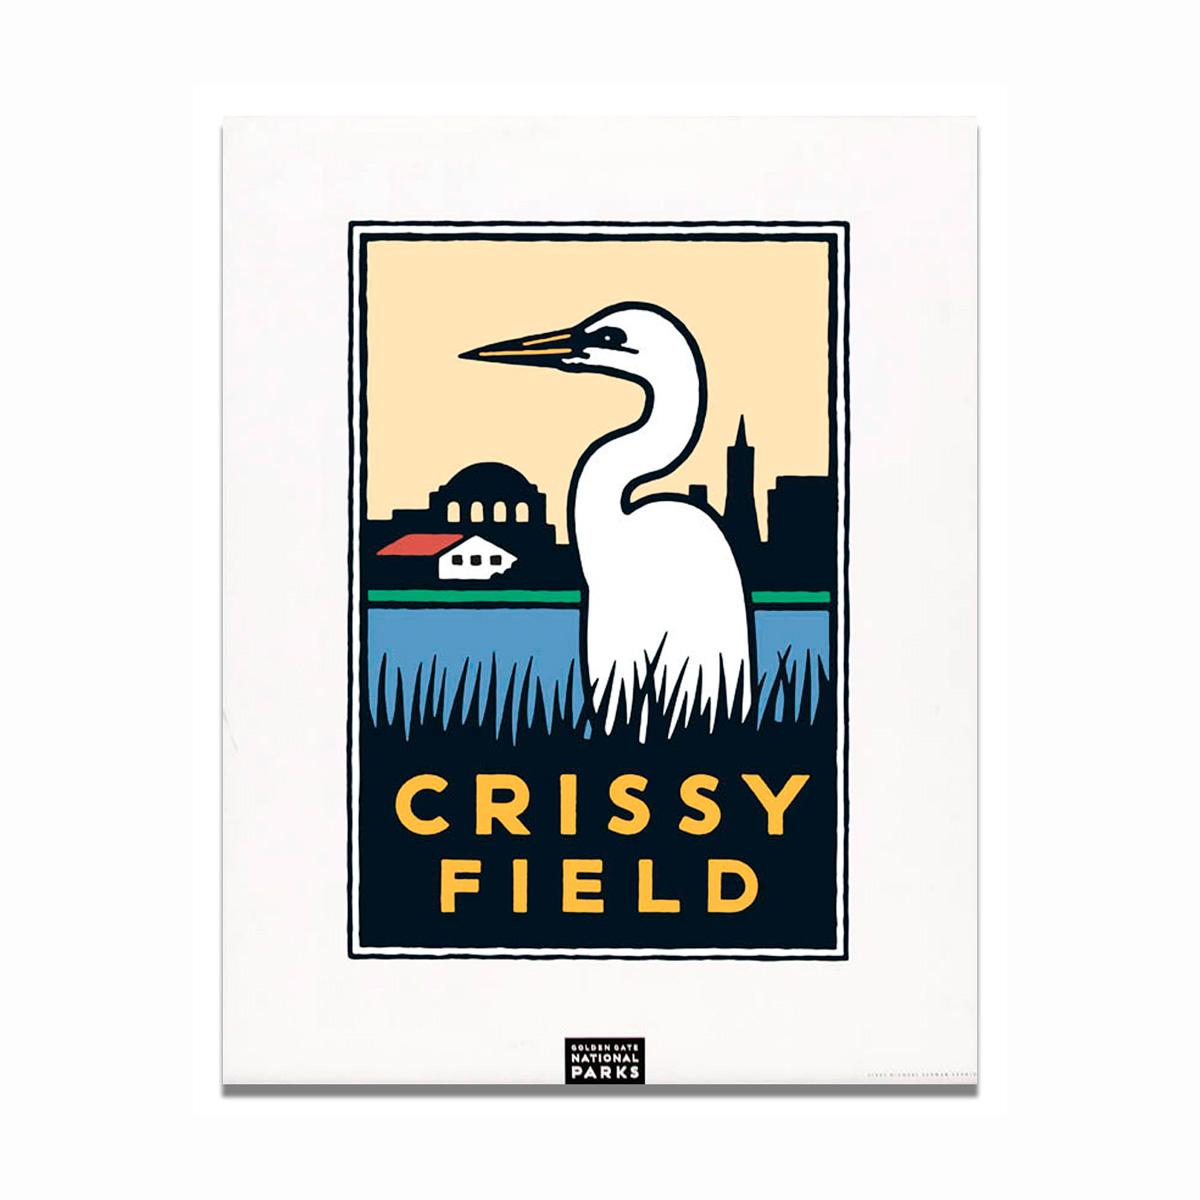 Schwab Crissy Field Print